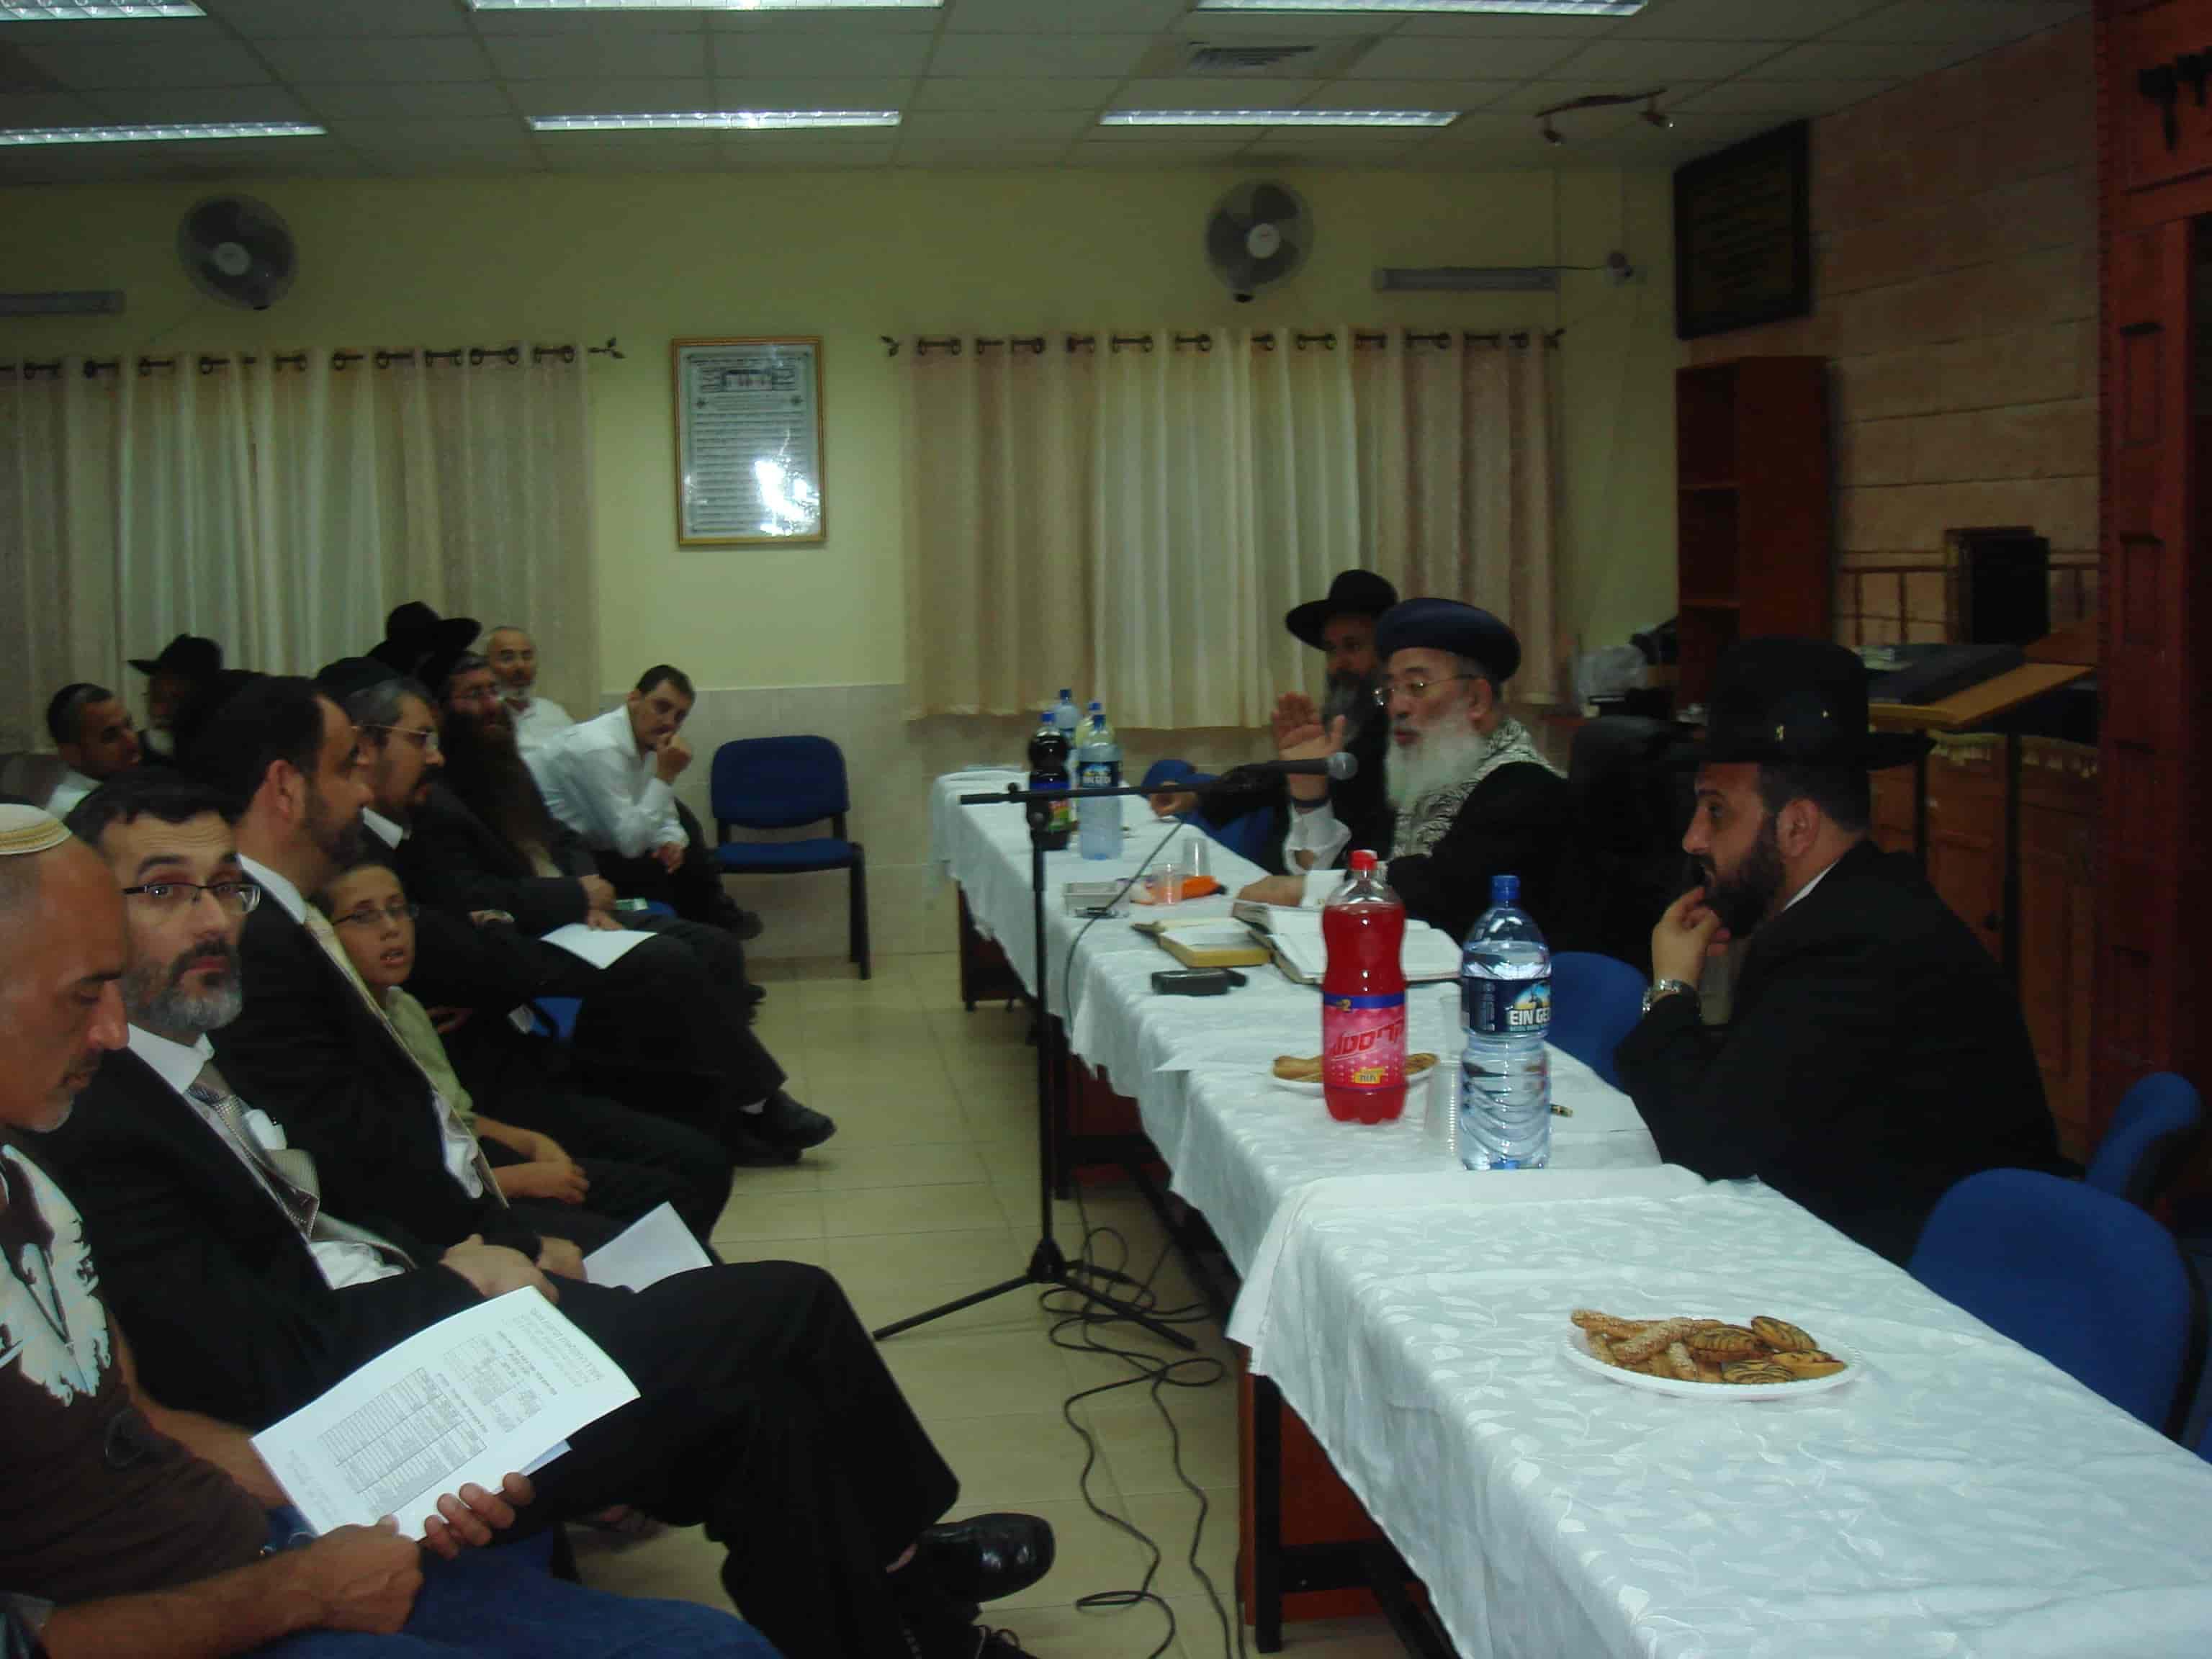 שיעור על שמיטה שנערך מטעם המכון בעיר אלעד-min